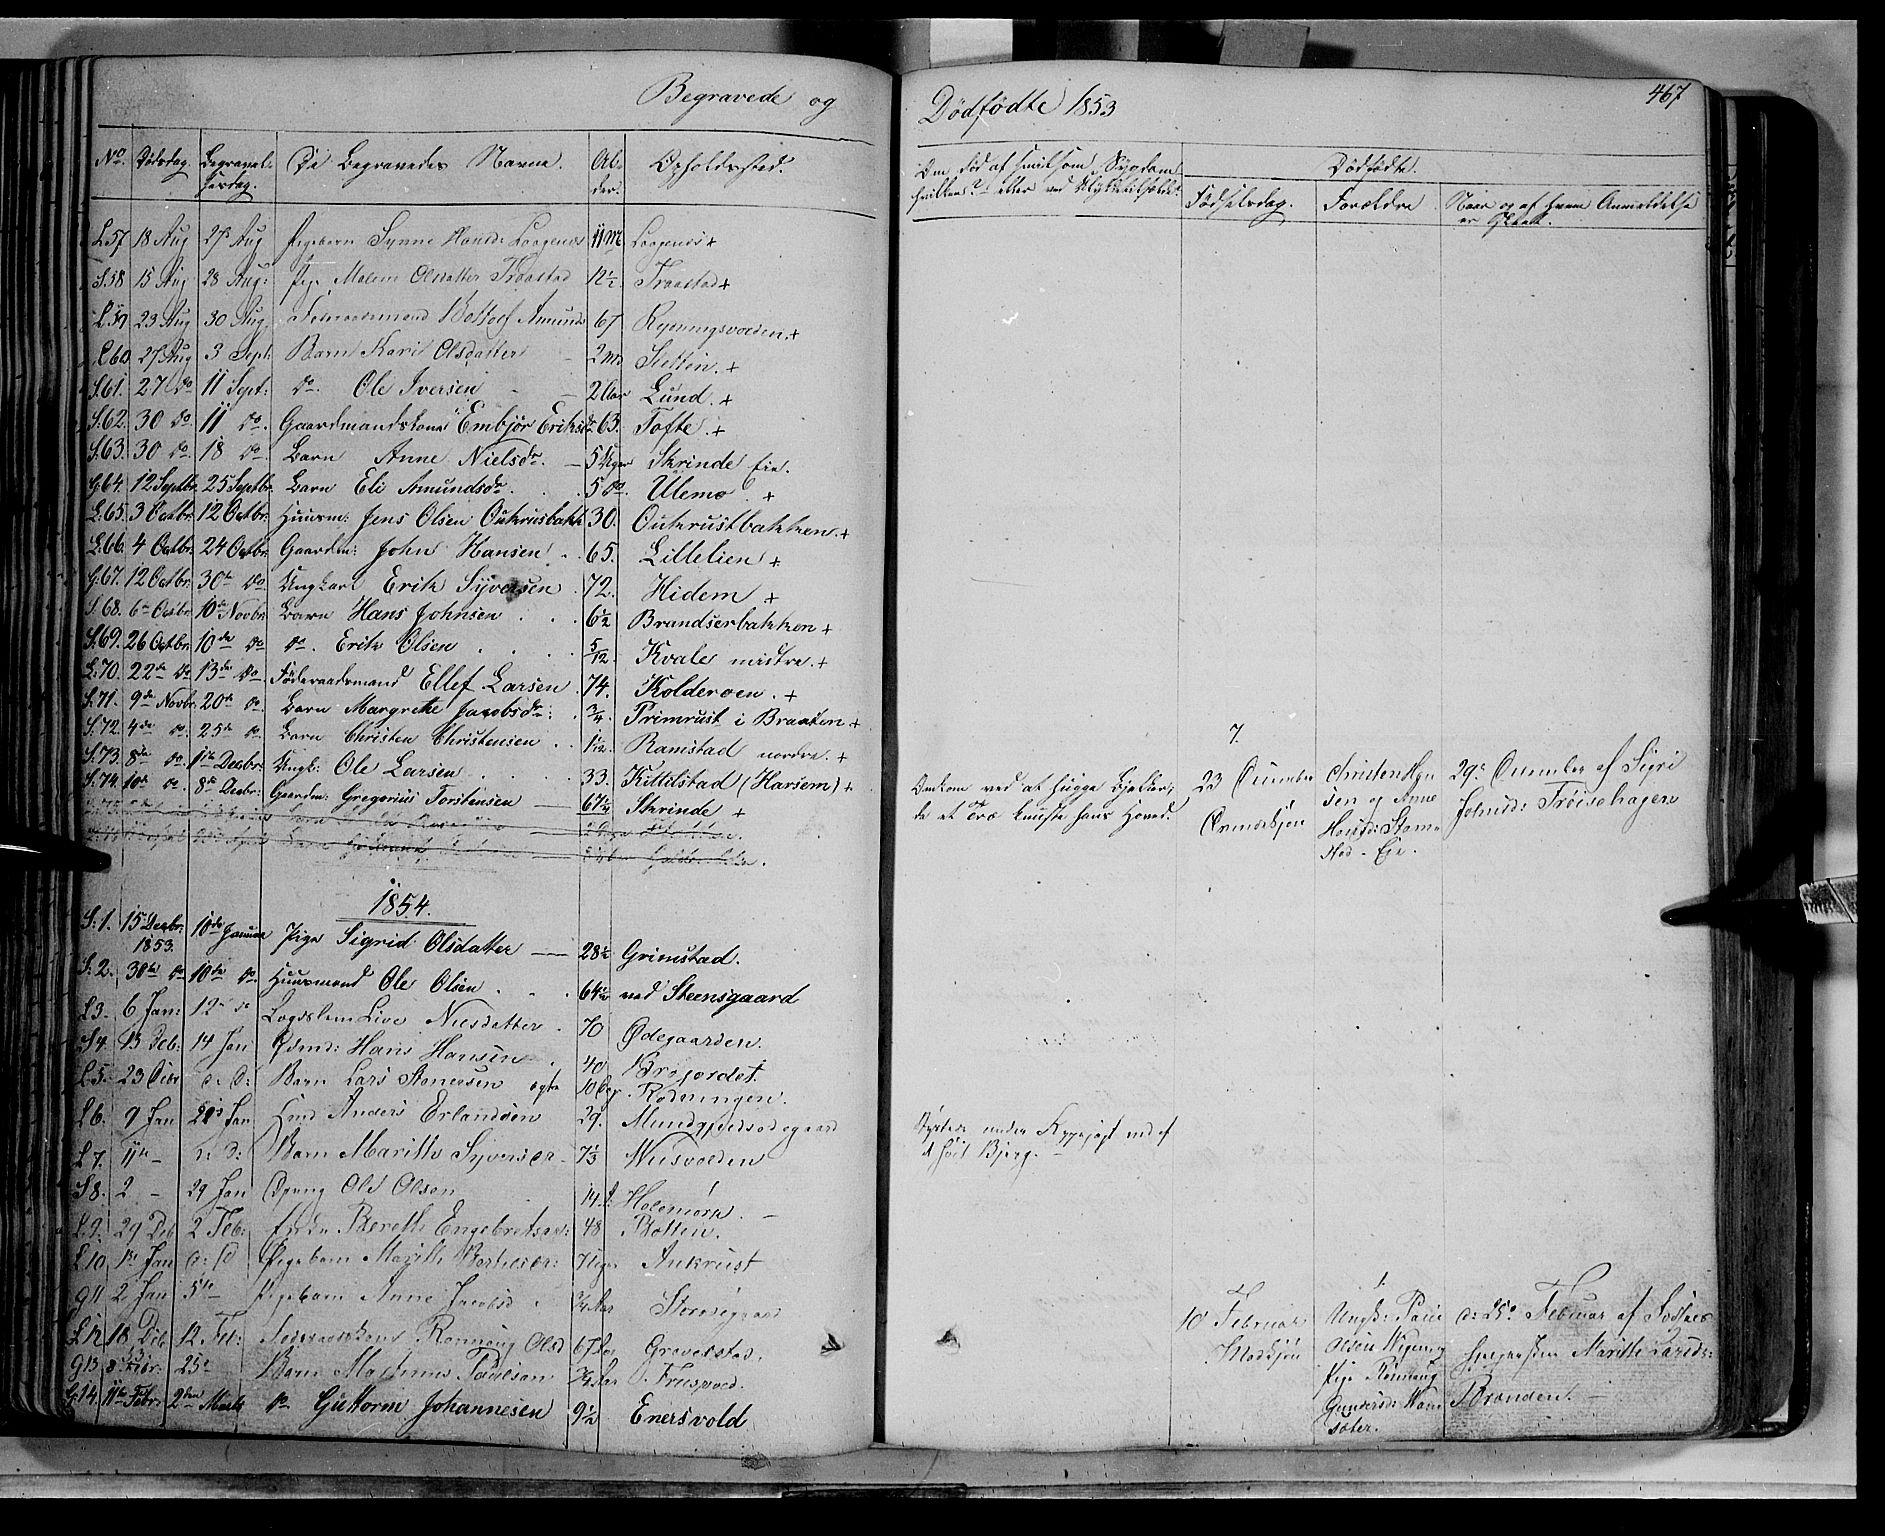 SAH, Lom prestekontor, K/L0006: Ministerialbok nr. 6B, 1837-1863, s. 467